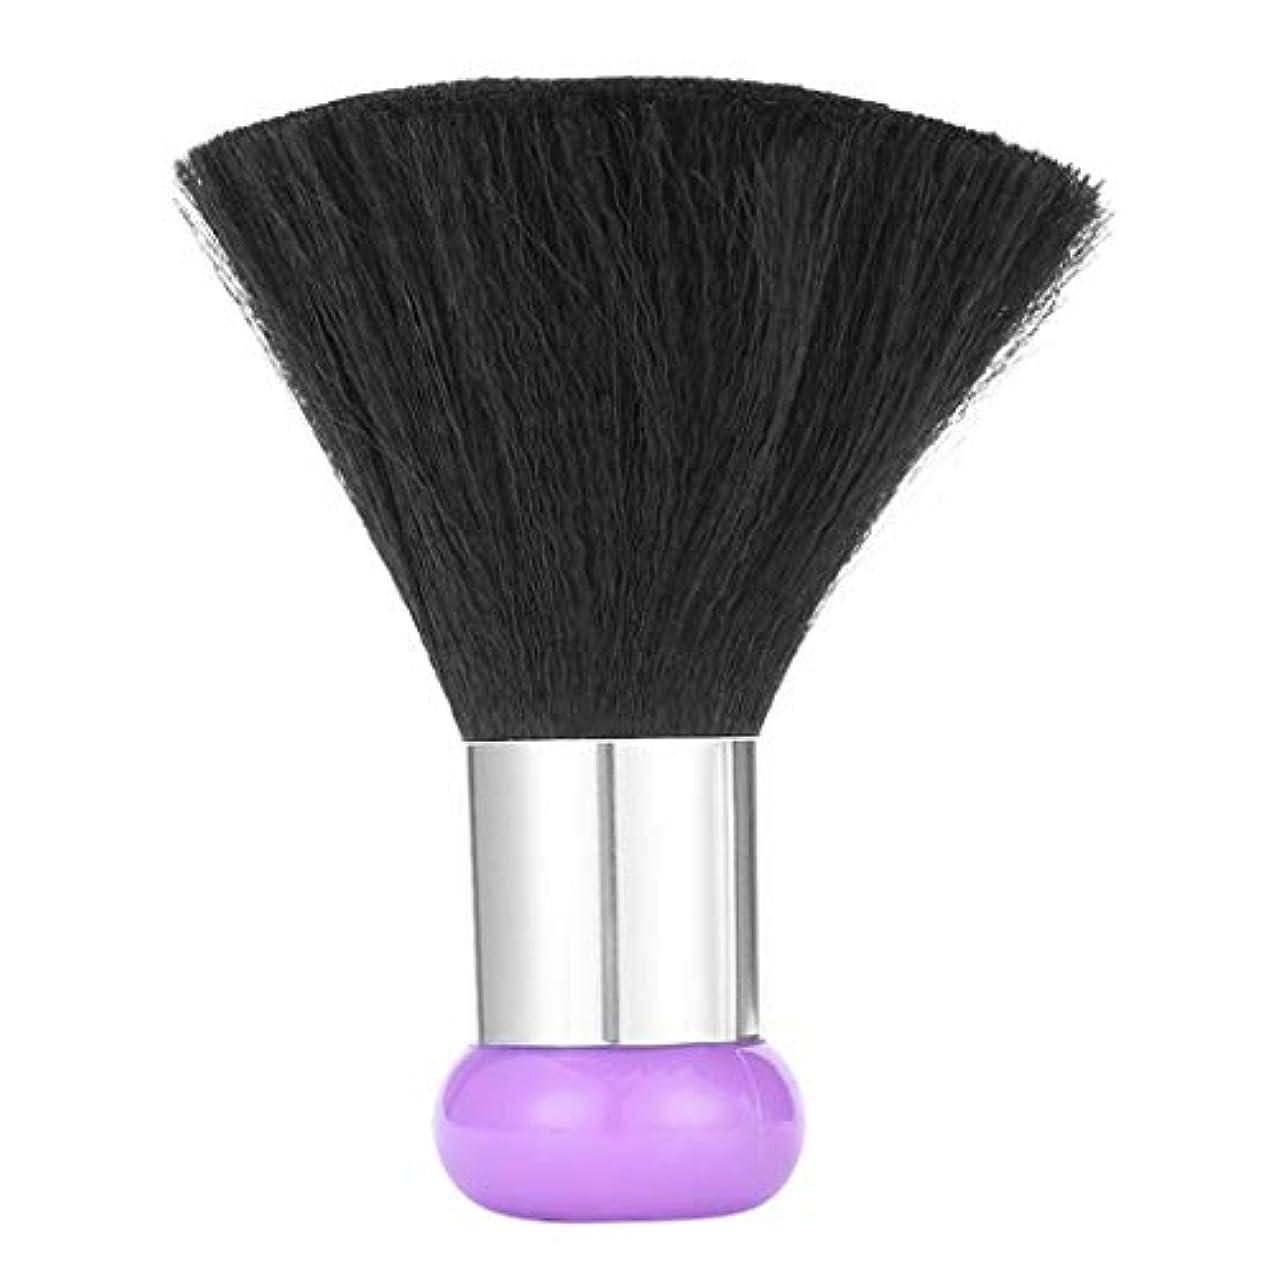 特派員独創的学生ネックダスターブラシ ヘアカット ヘアブラシ クリーナー プロ 美容院 サロン 2色選べ - 紫